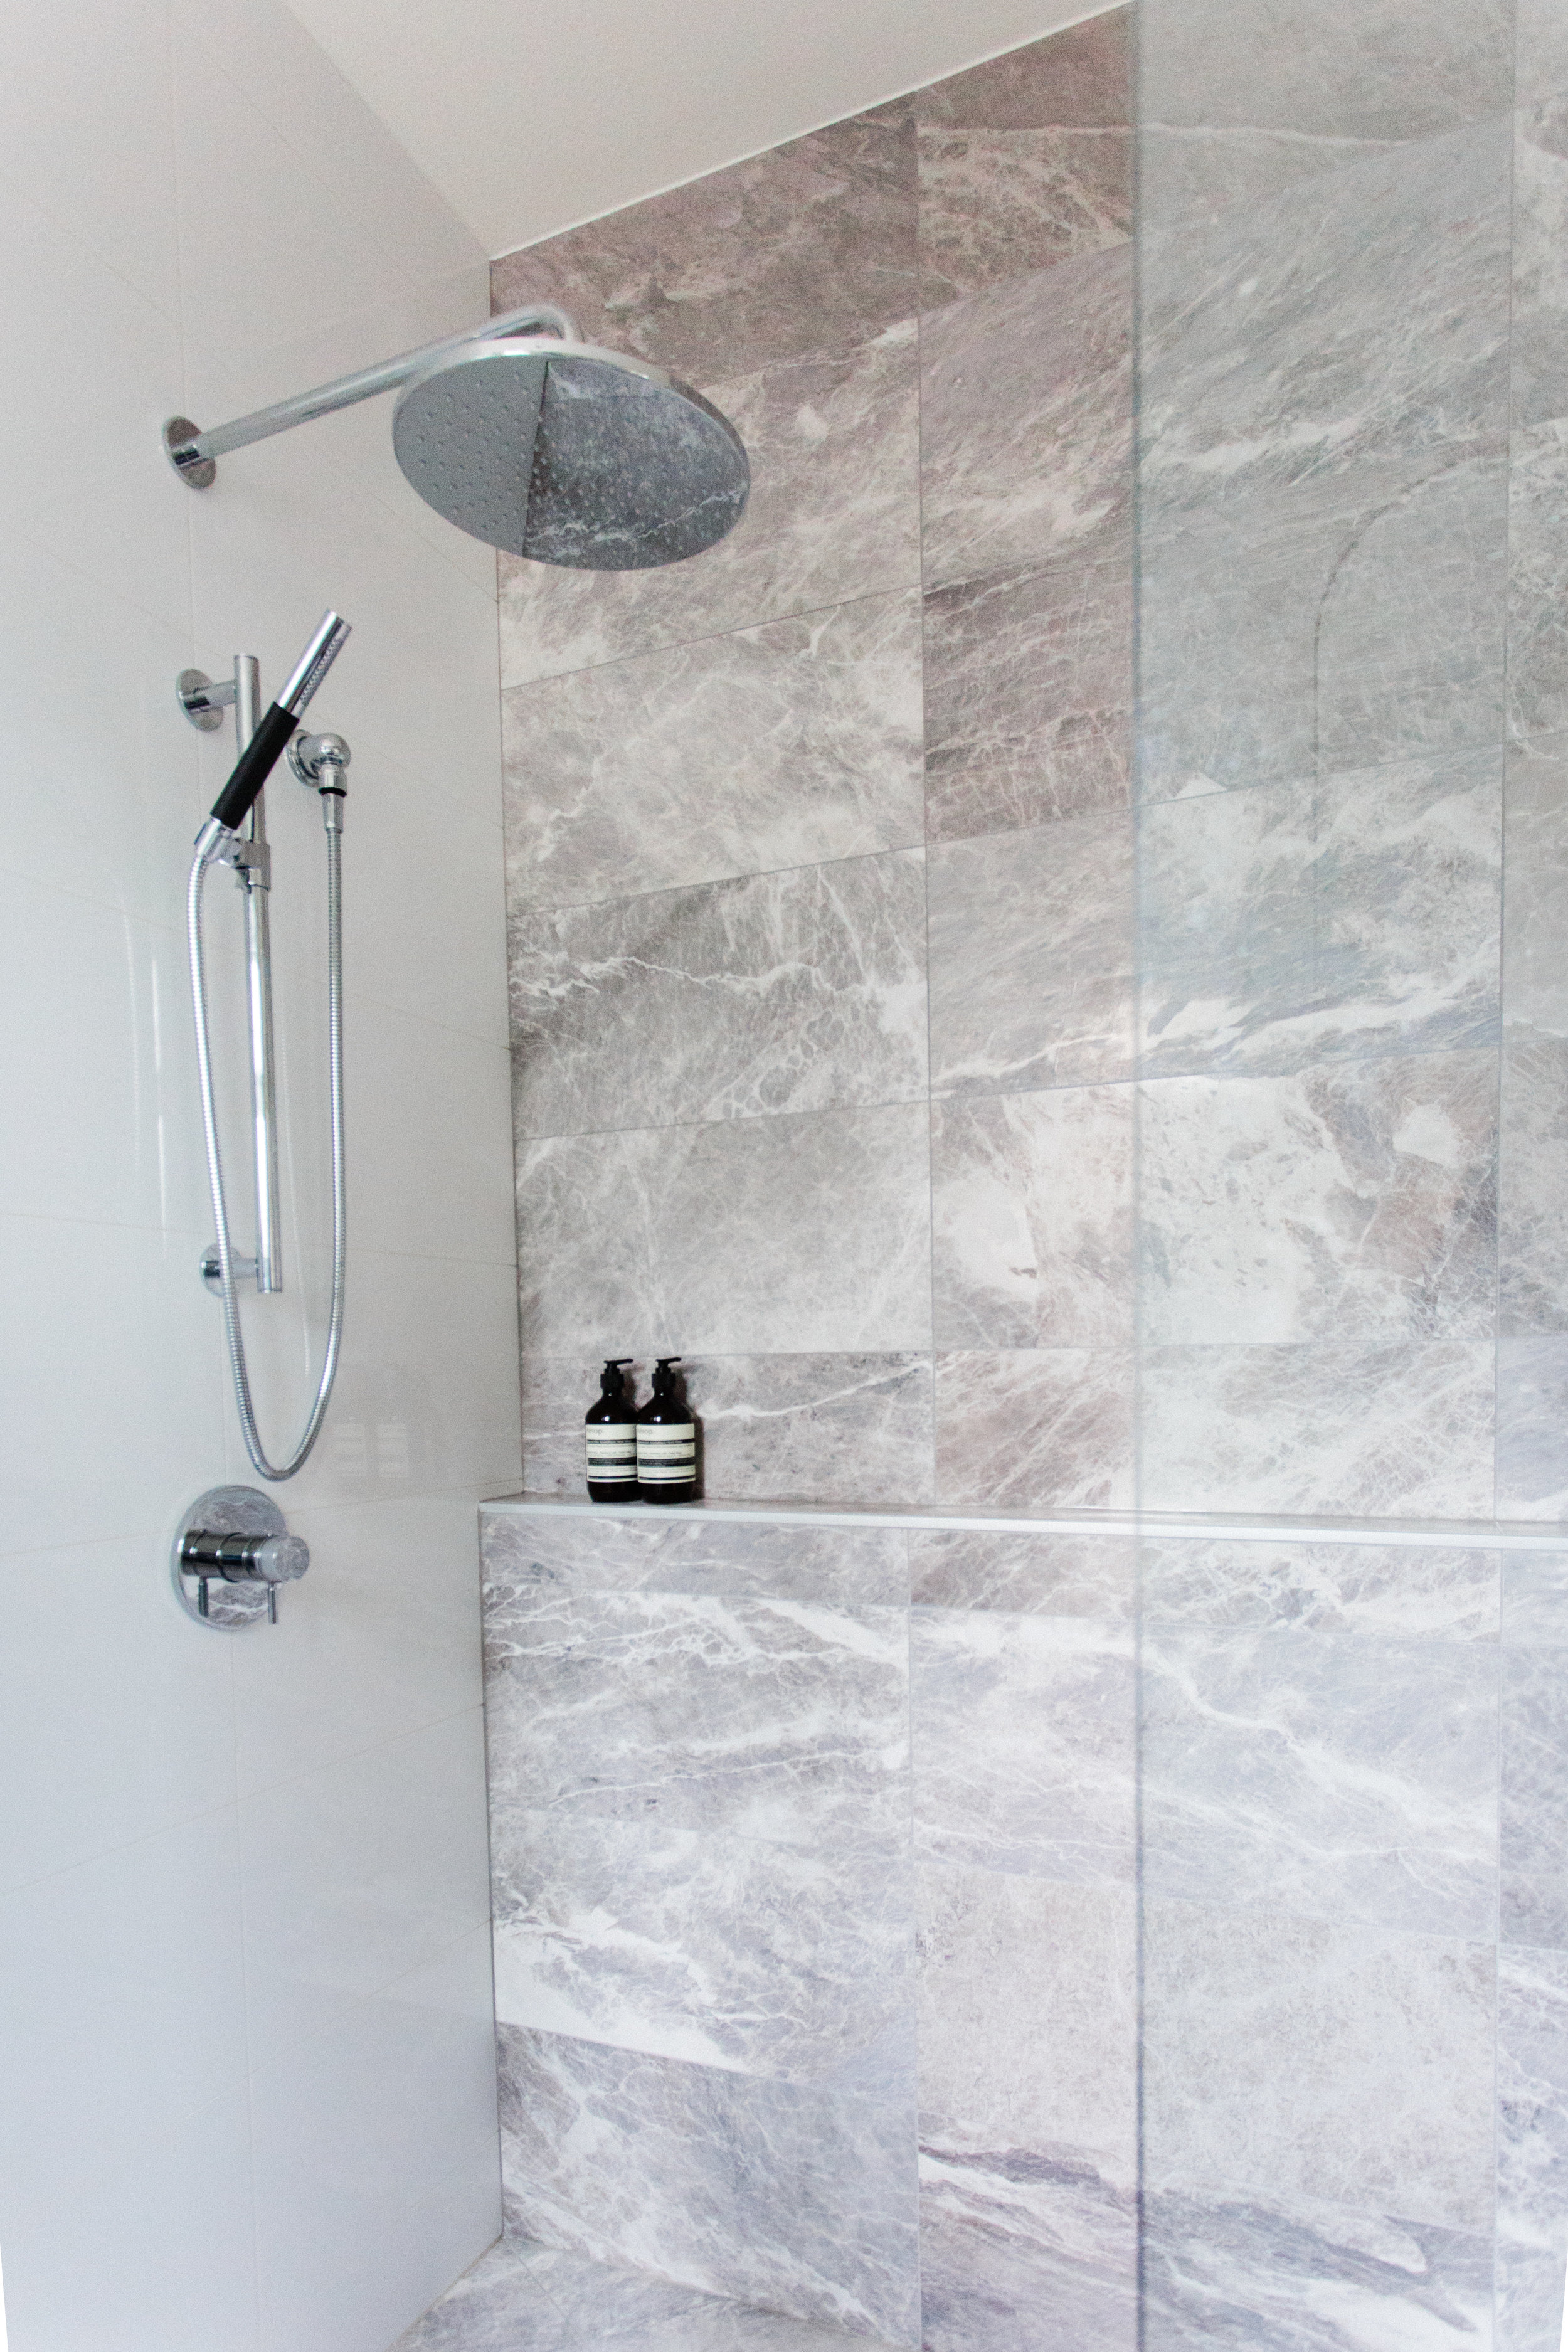 EC-Bathroom-2-MS-14.jpg